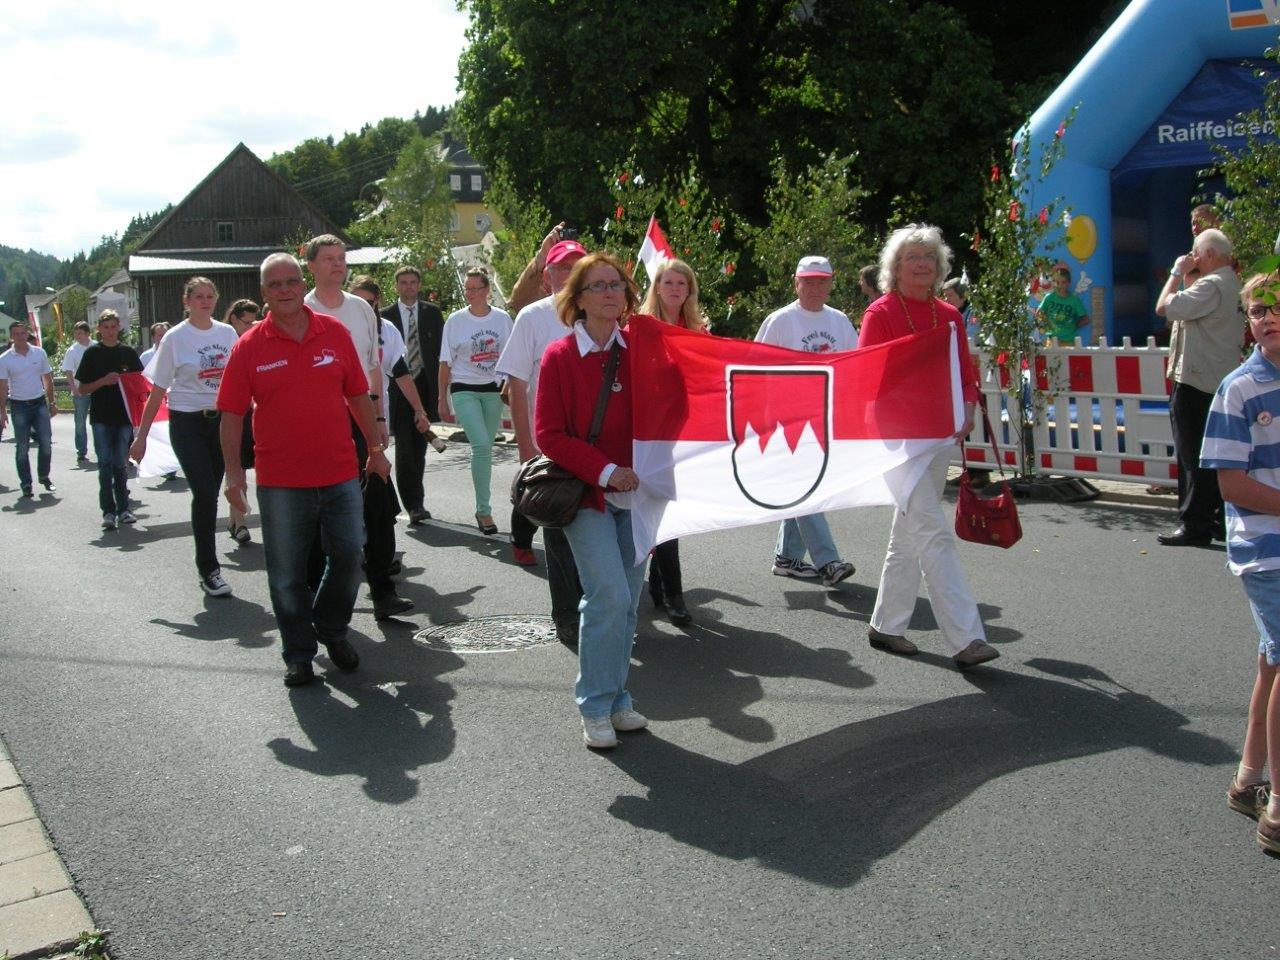 2012 6 Förtschendorf FB Beteiligung am Umzug der Urfranken.jpg